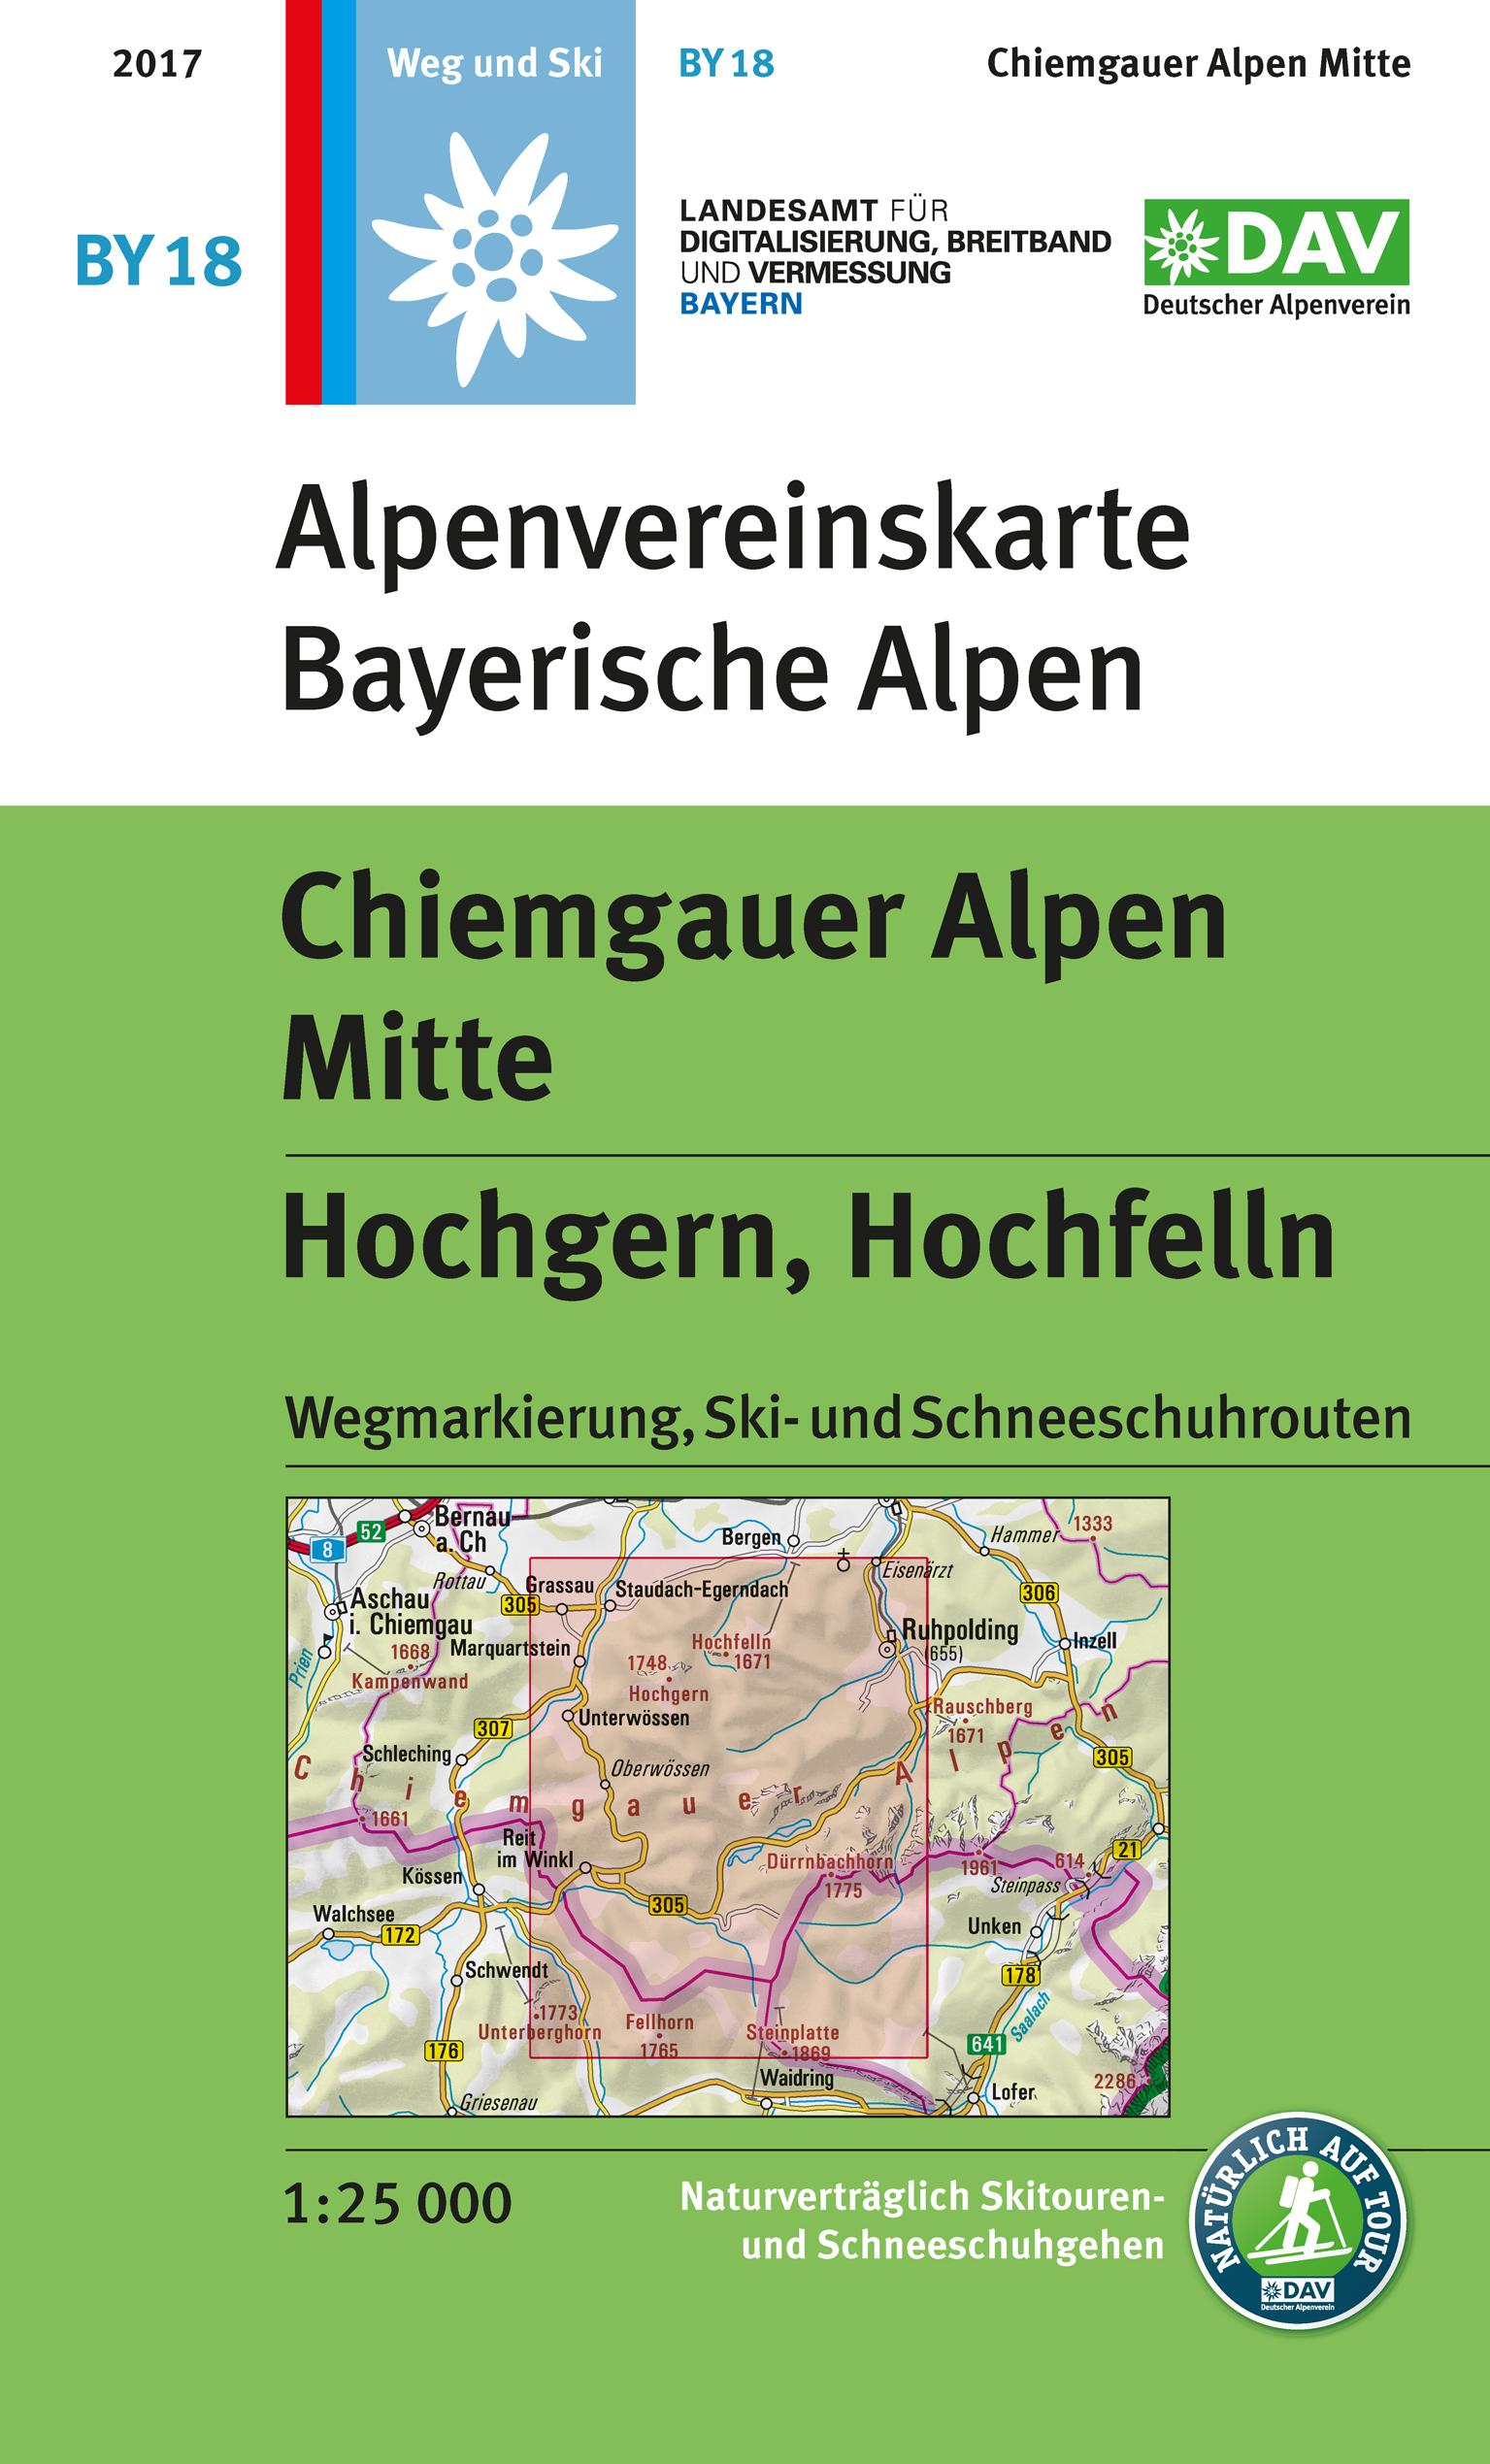 BY18 Chiemgauer Alpen Mitte